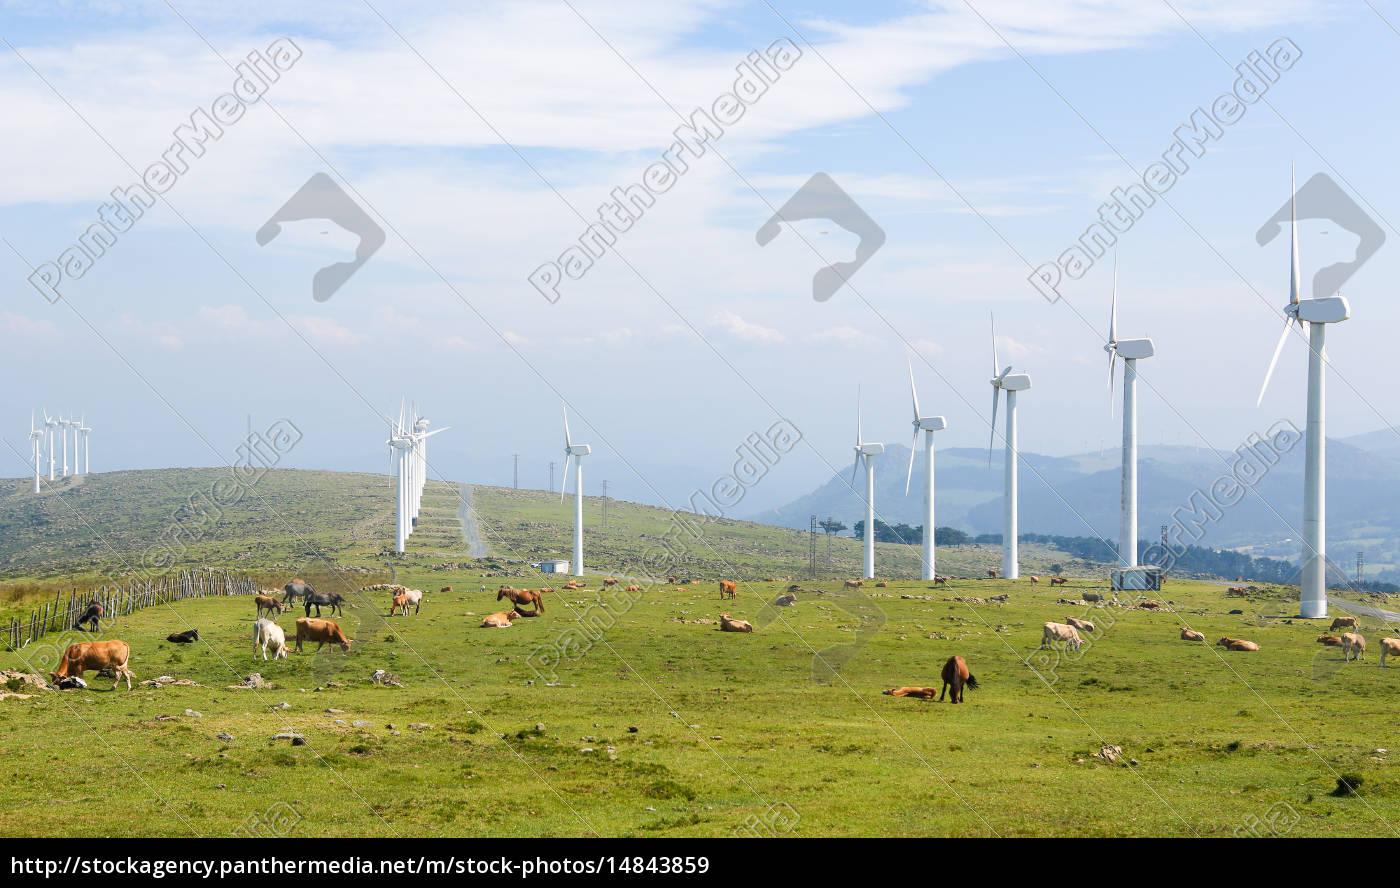 aerogeneradores, en, un, parque, eólico, en - 14843859